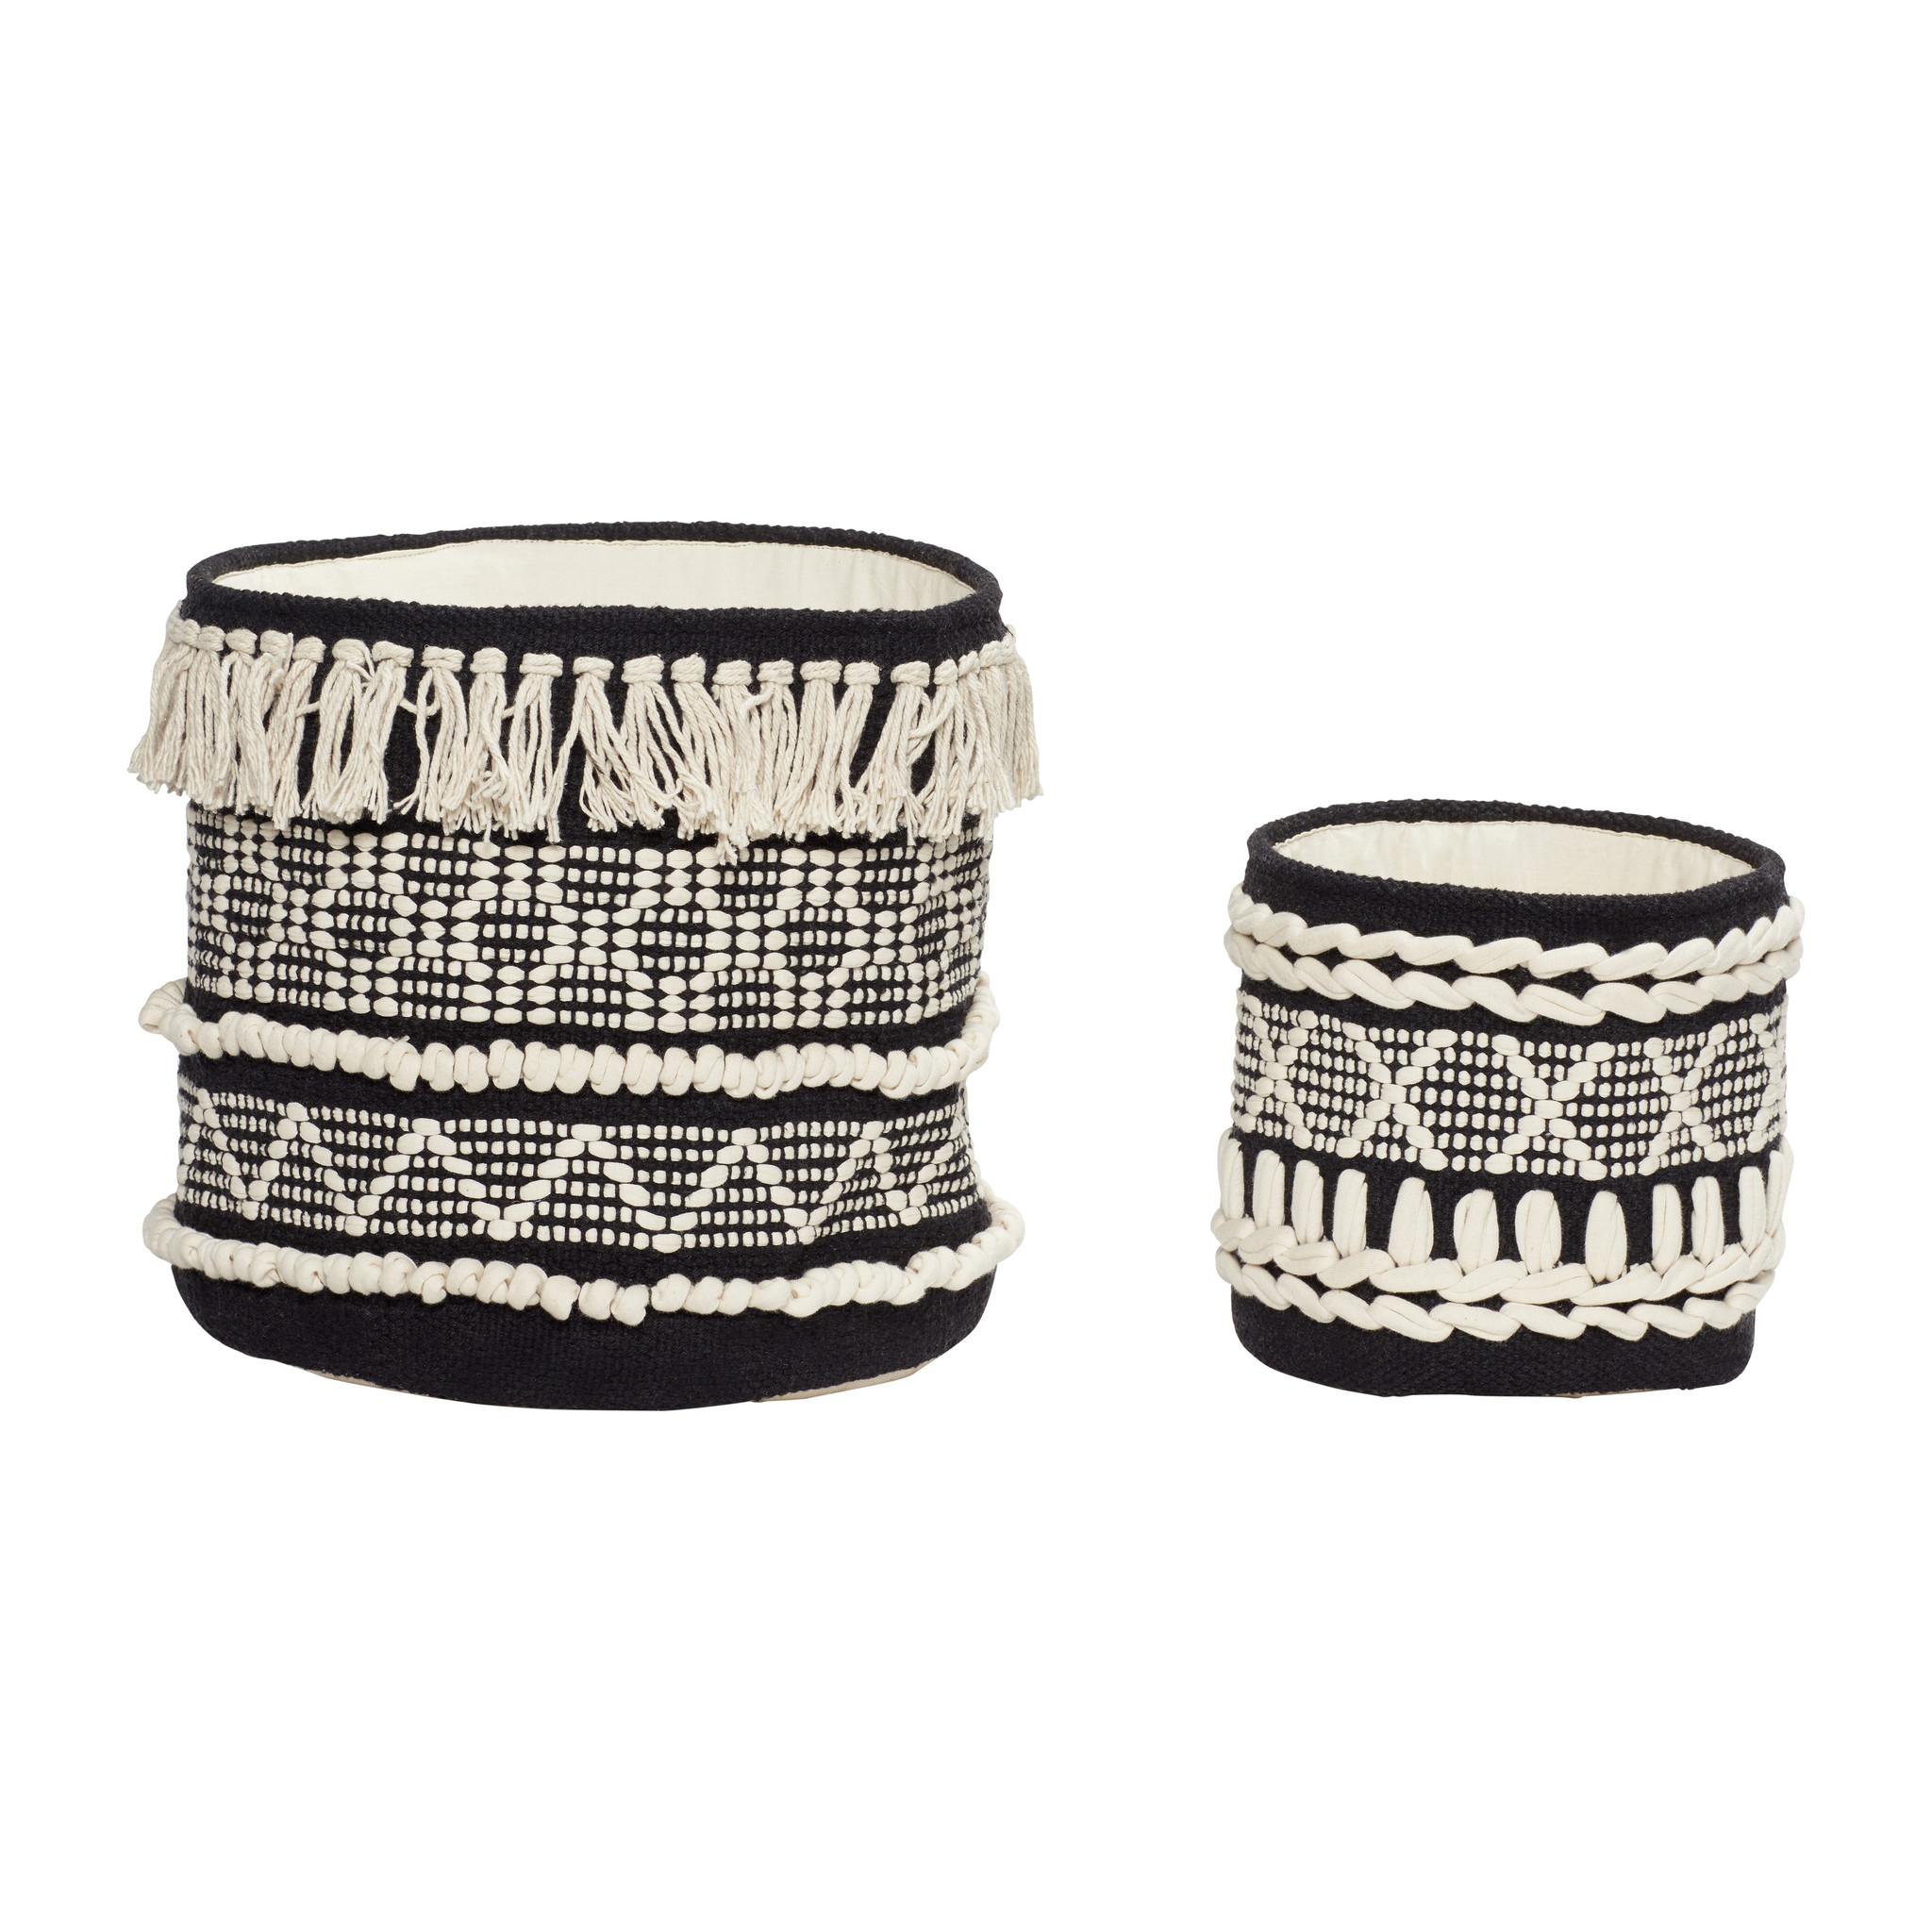 Hubsch Mand, rond, katoen, zwart / wit, set van 2-370703-5712772065815